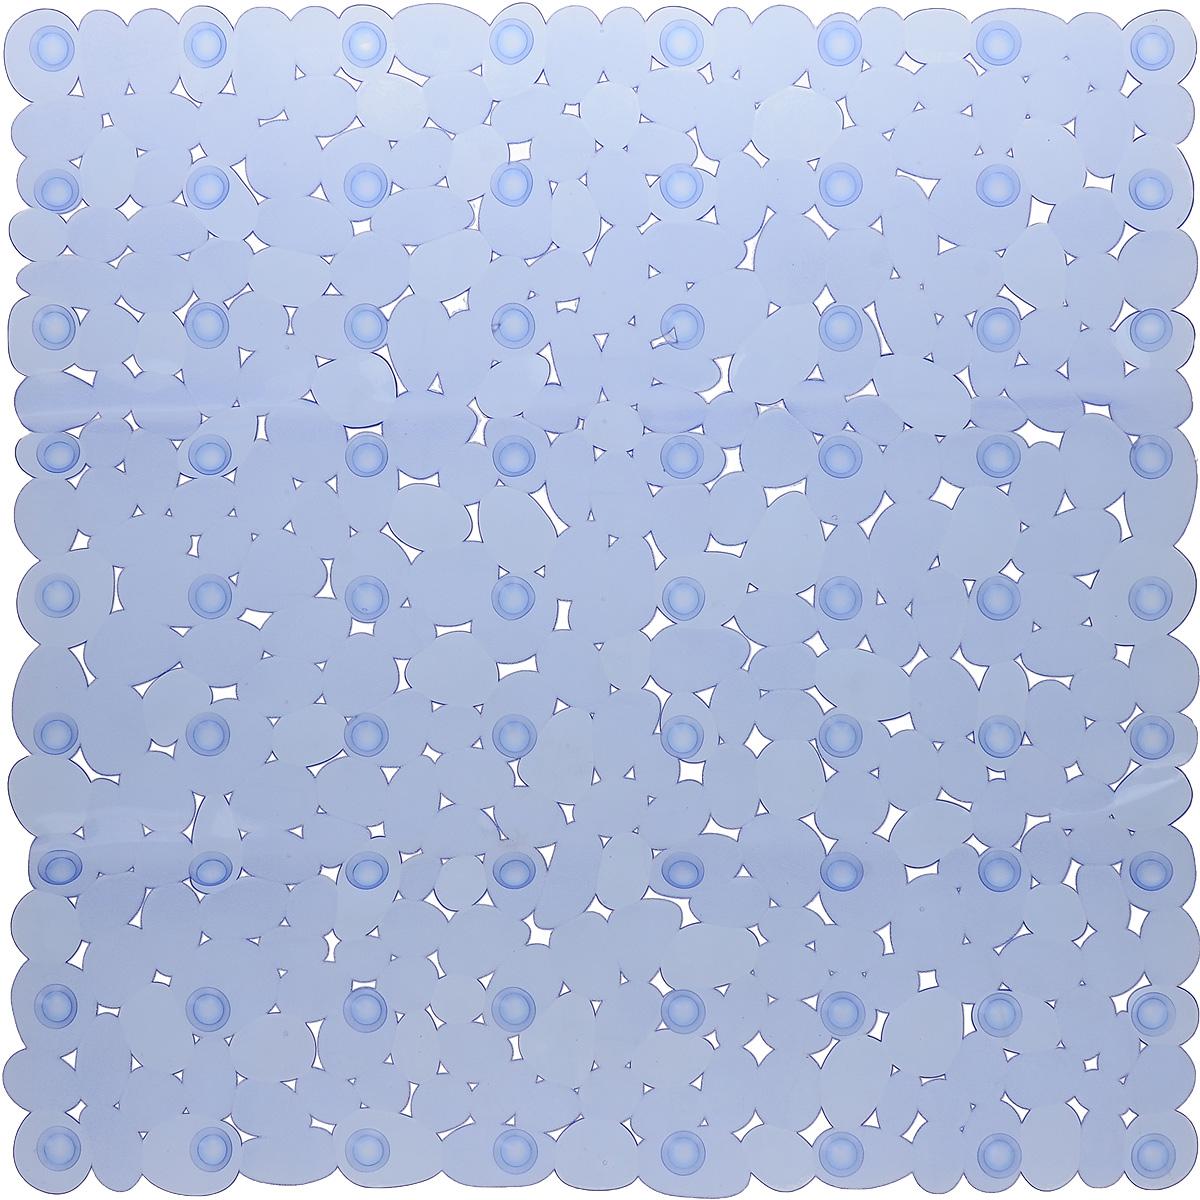 Коврик для ванной Axentia Галька, противоскользящий, на присосках, цвет: синий, 52 х 52 см282821_синийКвадратный коврик для ванной Axentia Галька изготовлен из ПВХ. Это прочный противоскользящий материал, который отлично подойдет для помещений с повышенной влажностью. Коврик противоскользящий, поэтому его удобно использовать в душевой кабине или ванне. Крепится к поверхности при помощи на присосок. Легко моется и не оставляет следов.